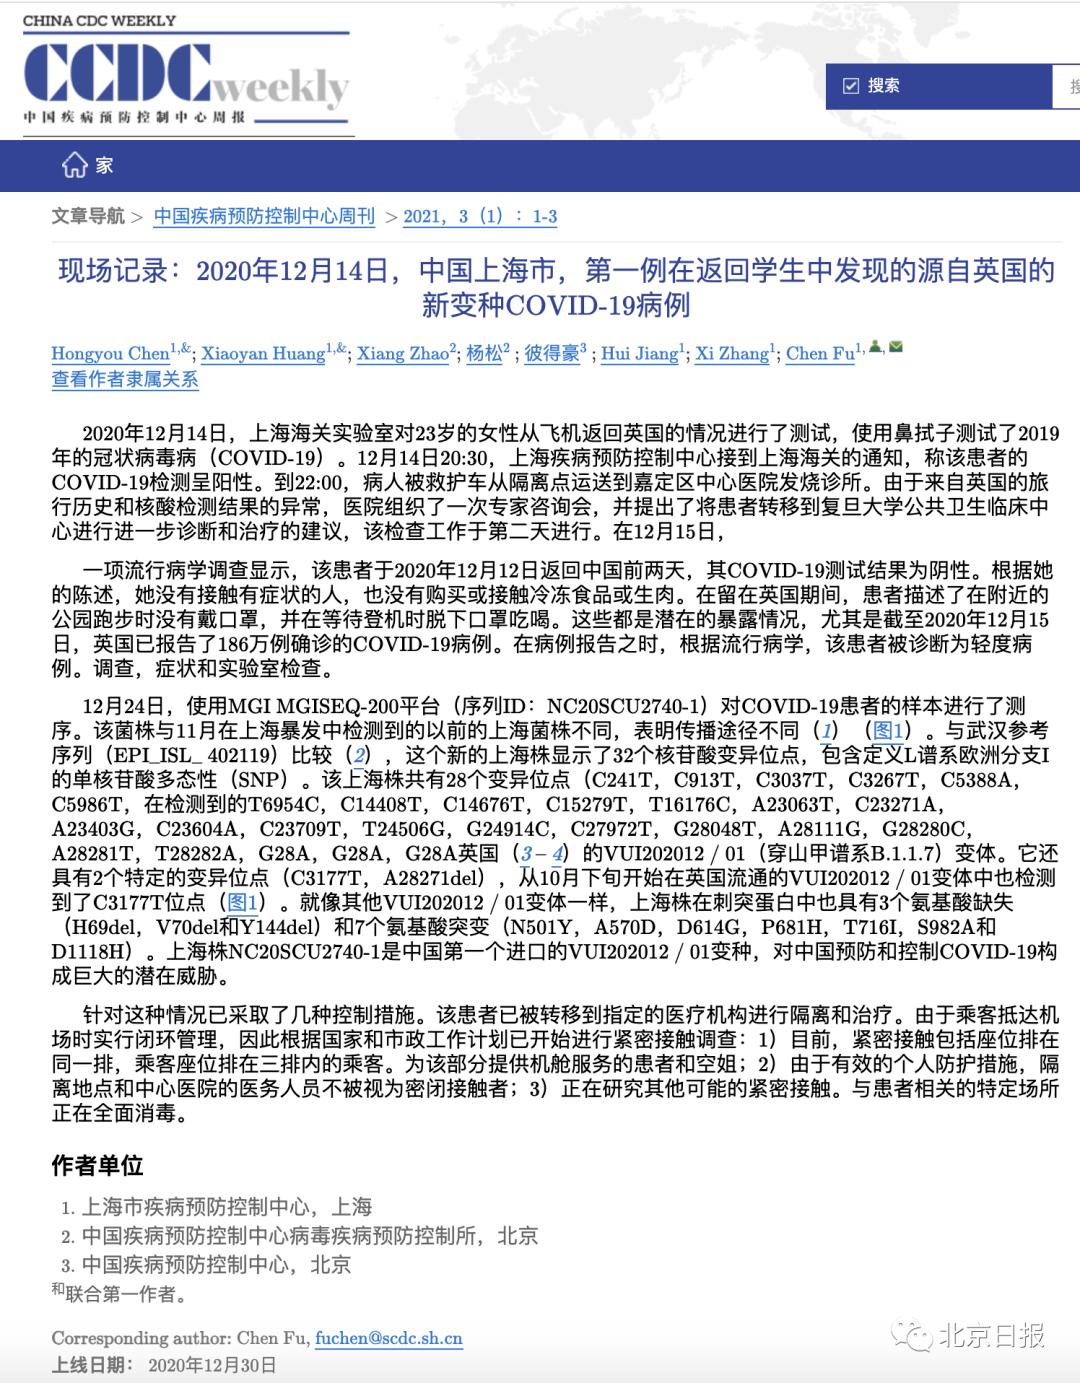 首例!中国报告变异新冠病毒病例,从英国输入上海